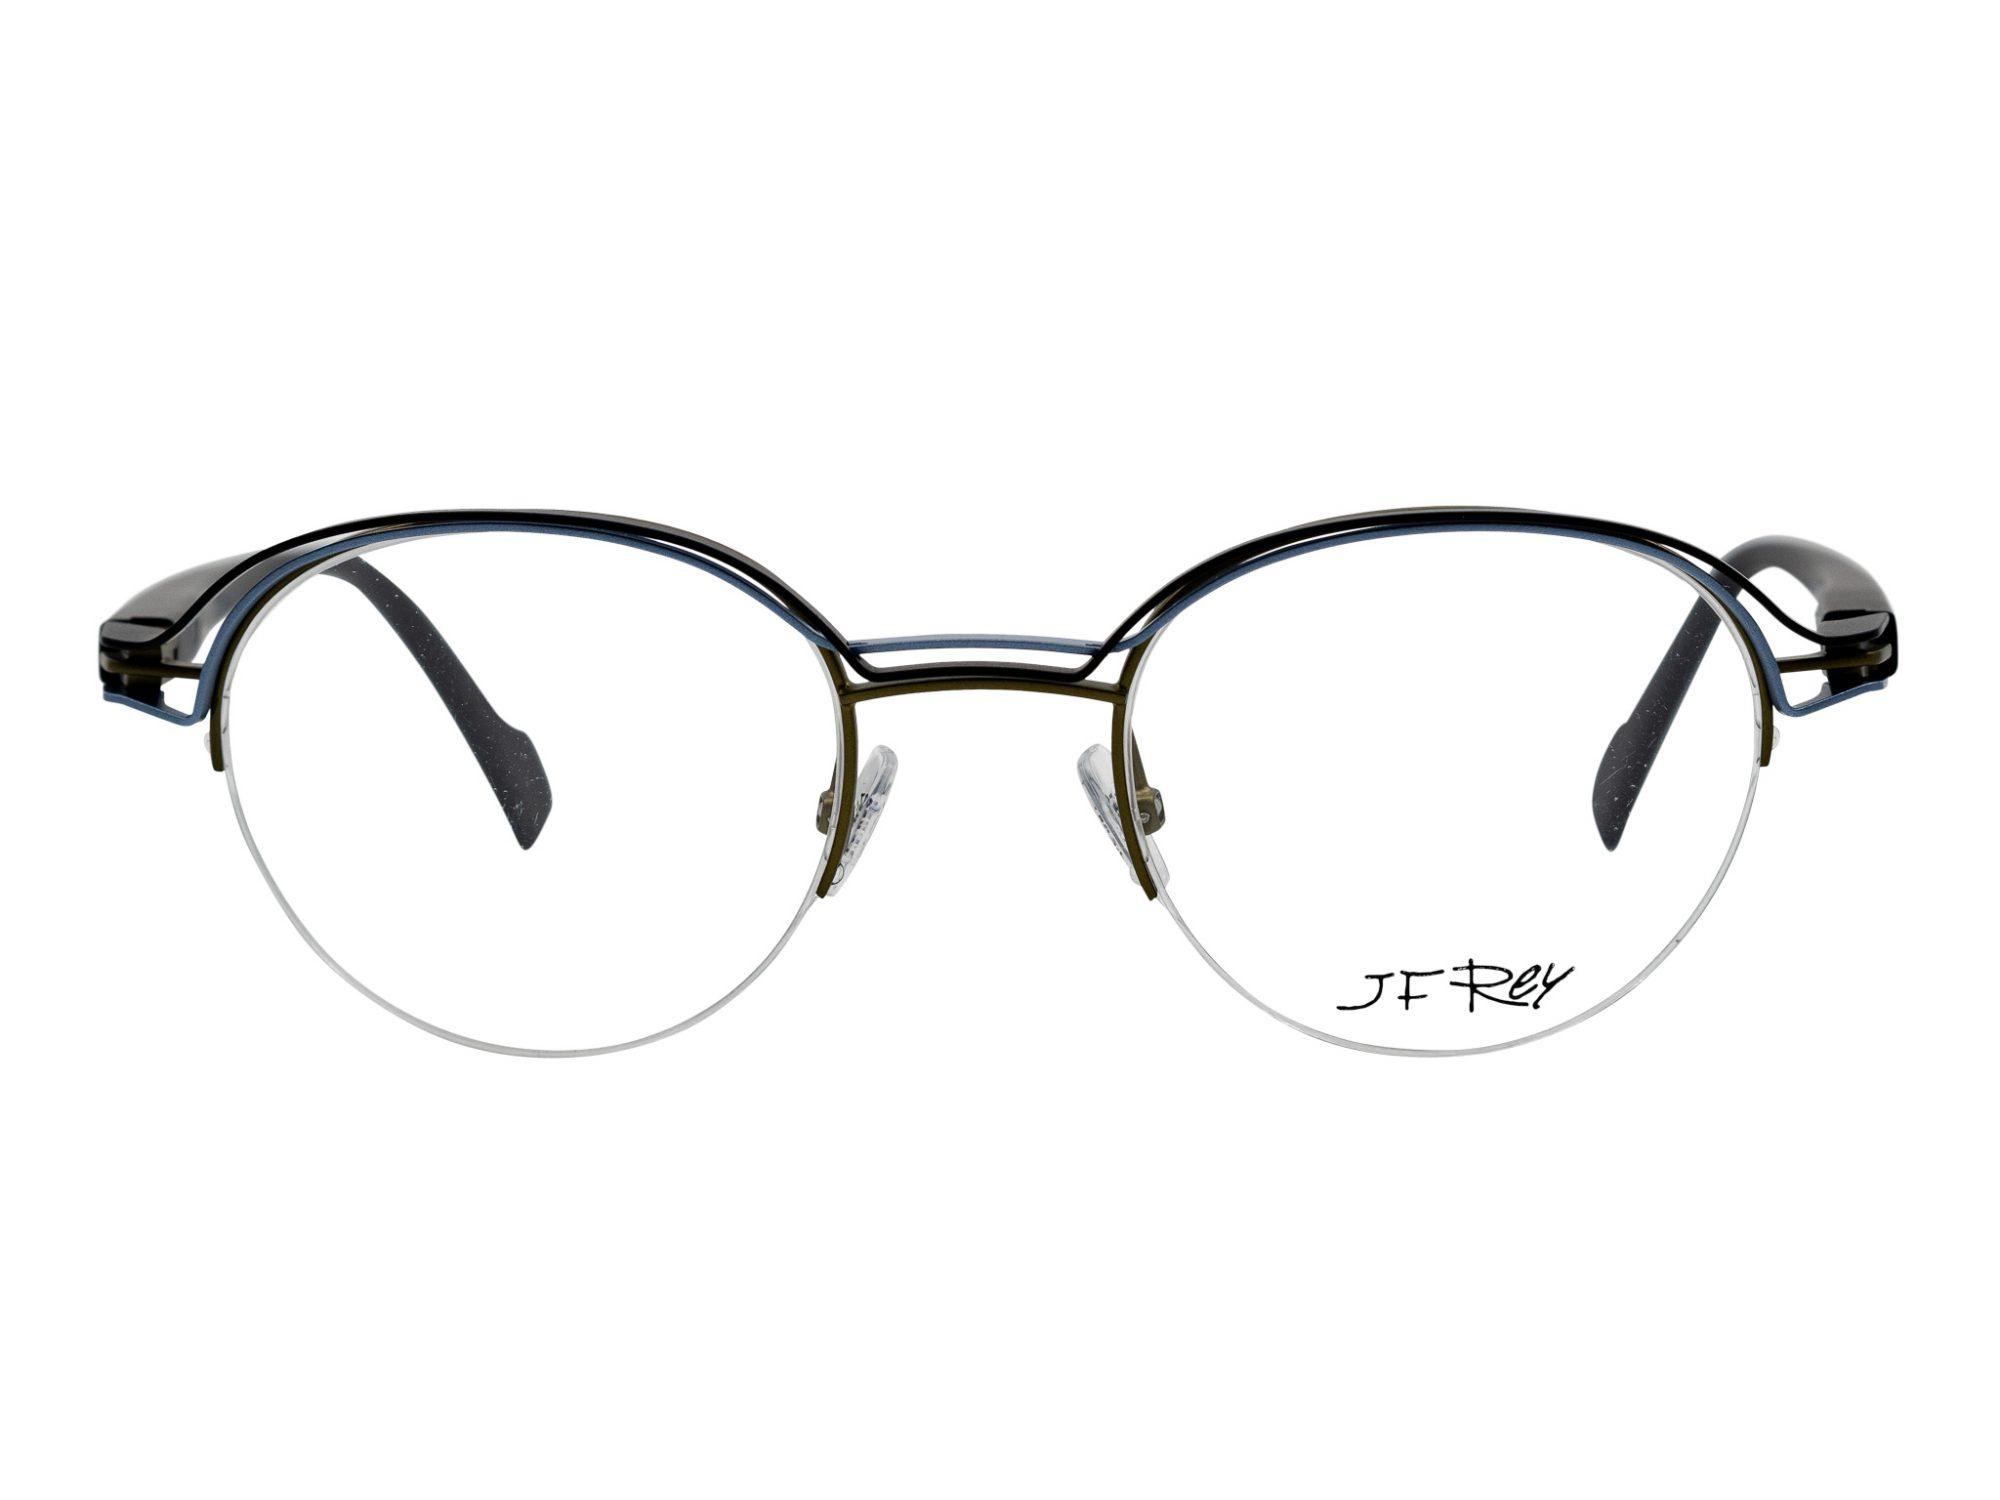 JF Rey JF2879 4520